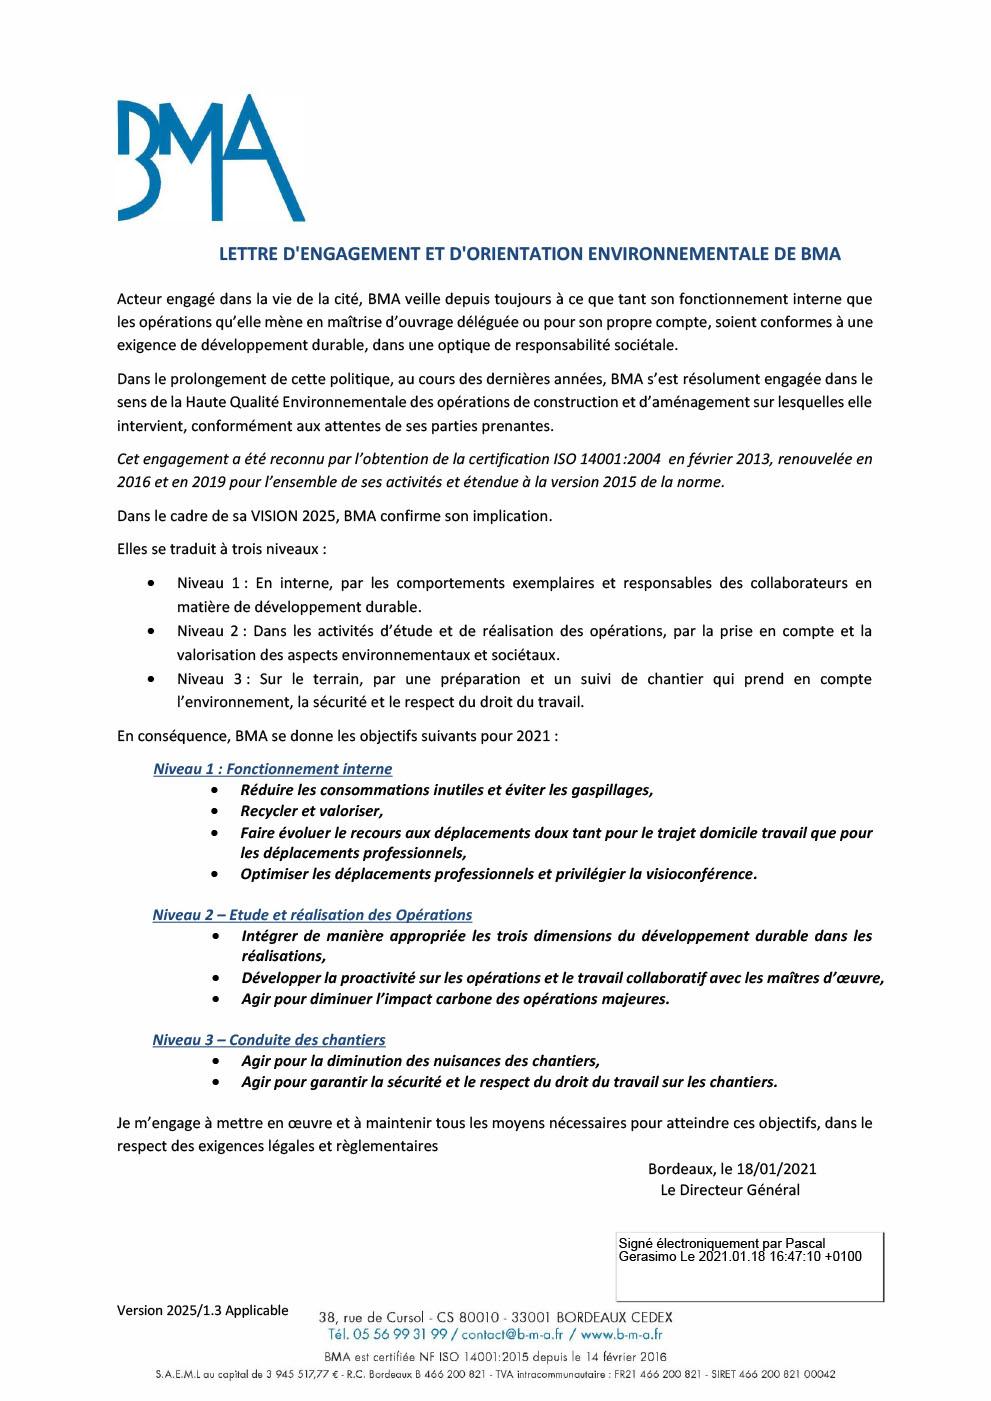 Lettre d'engagement et d'orientation environnementale de BMA